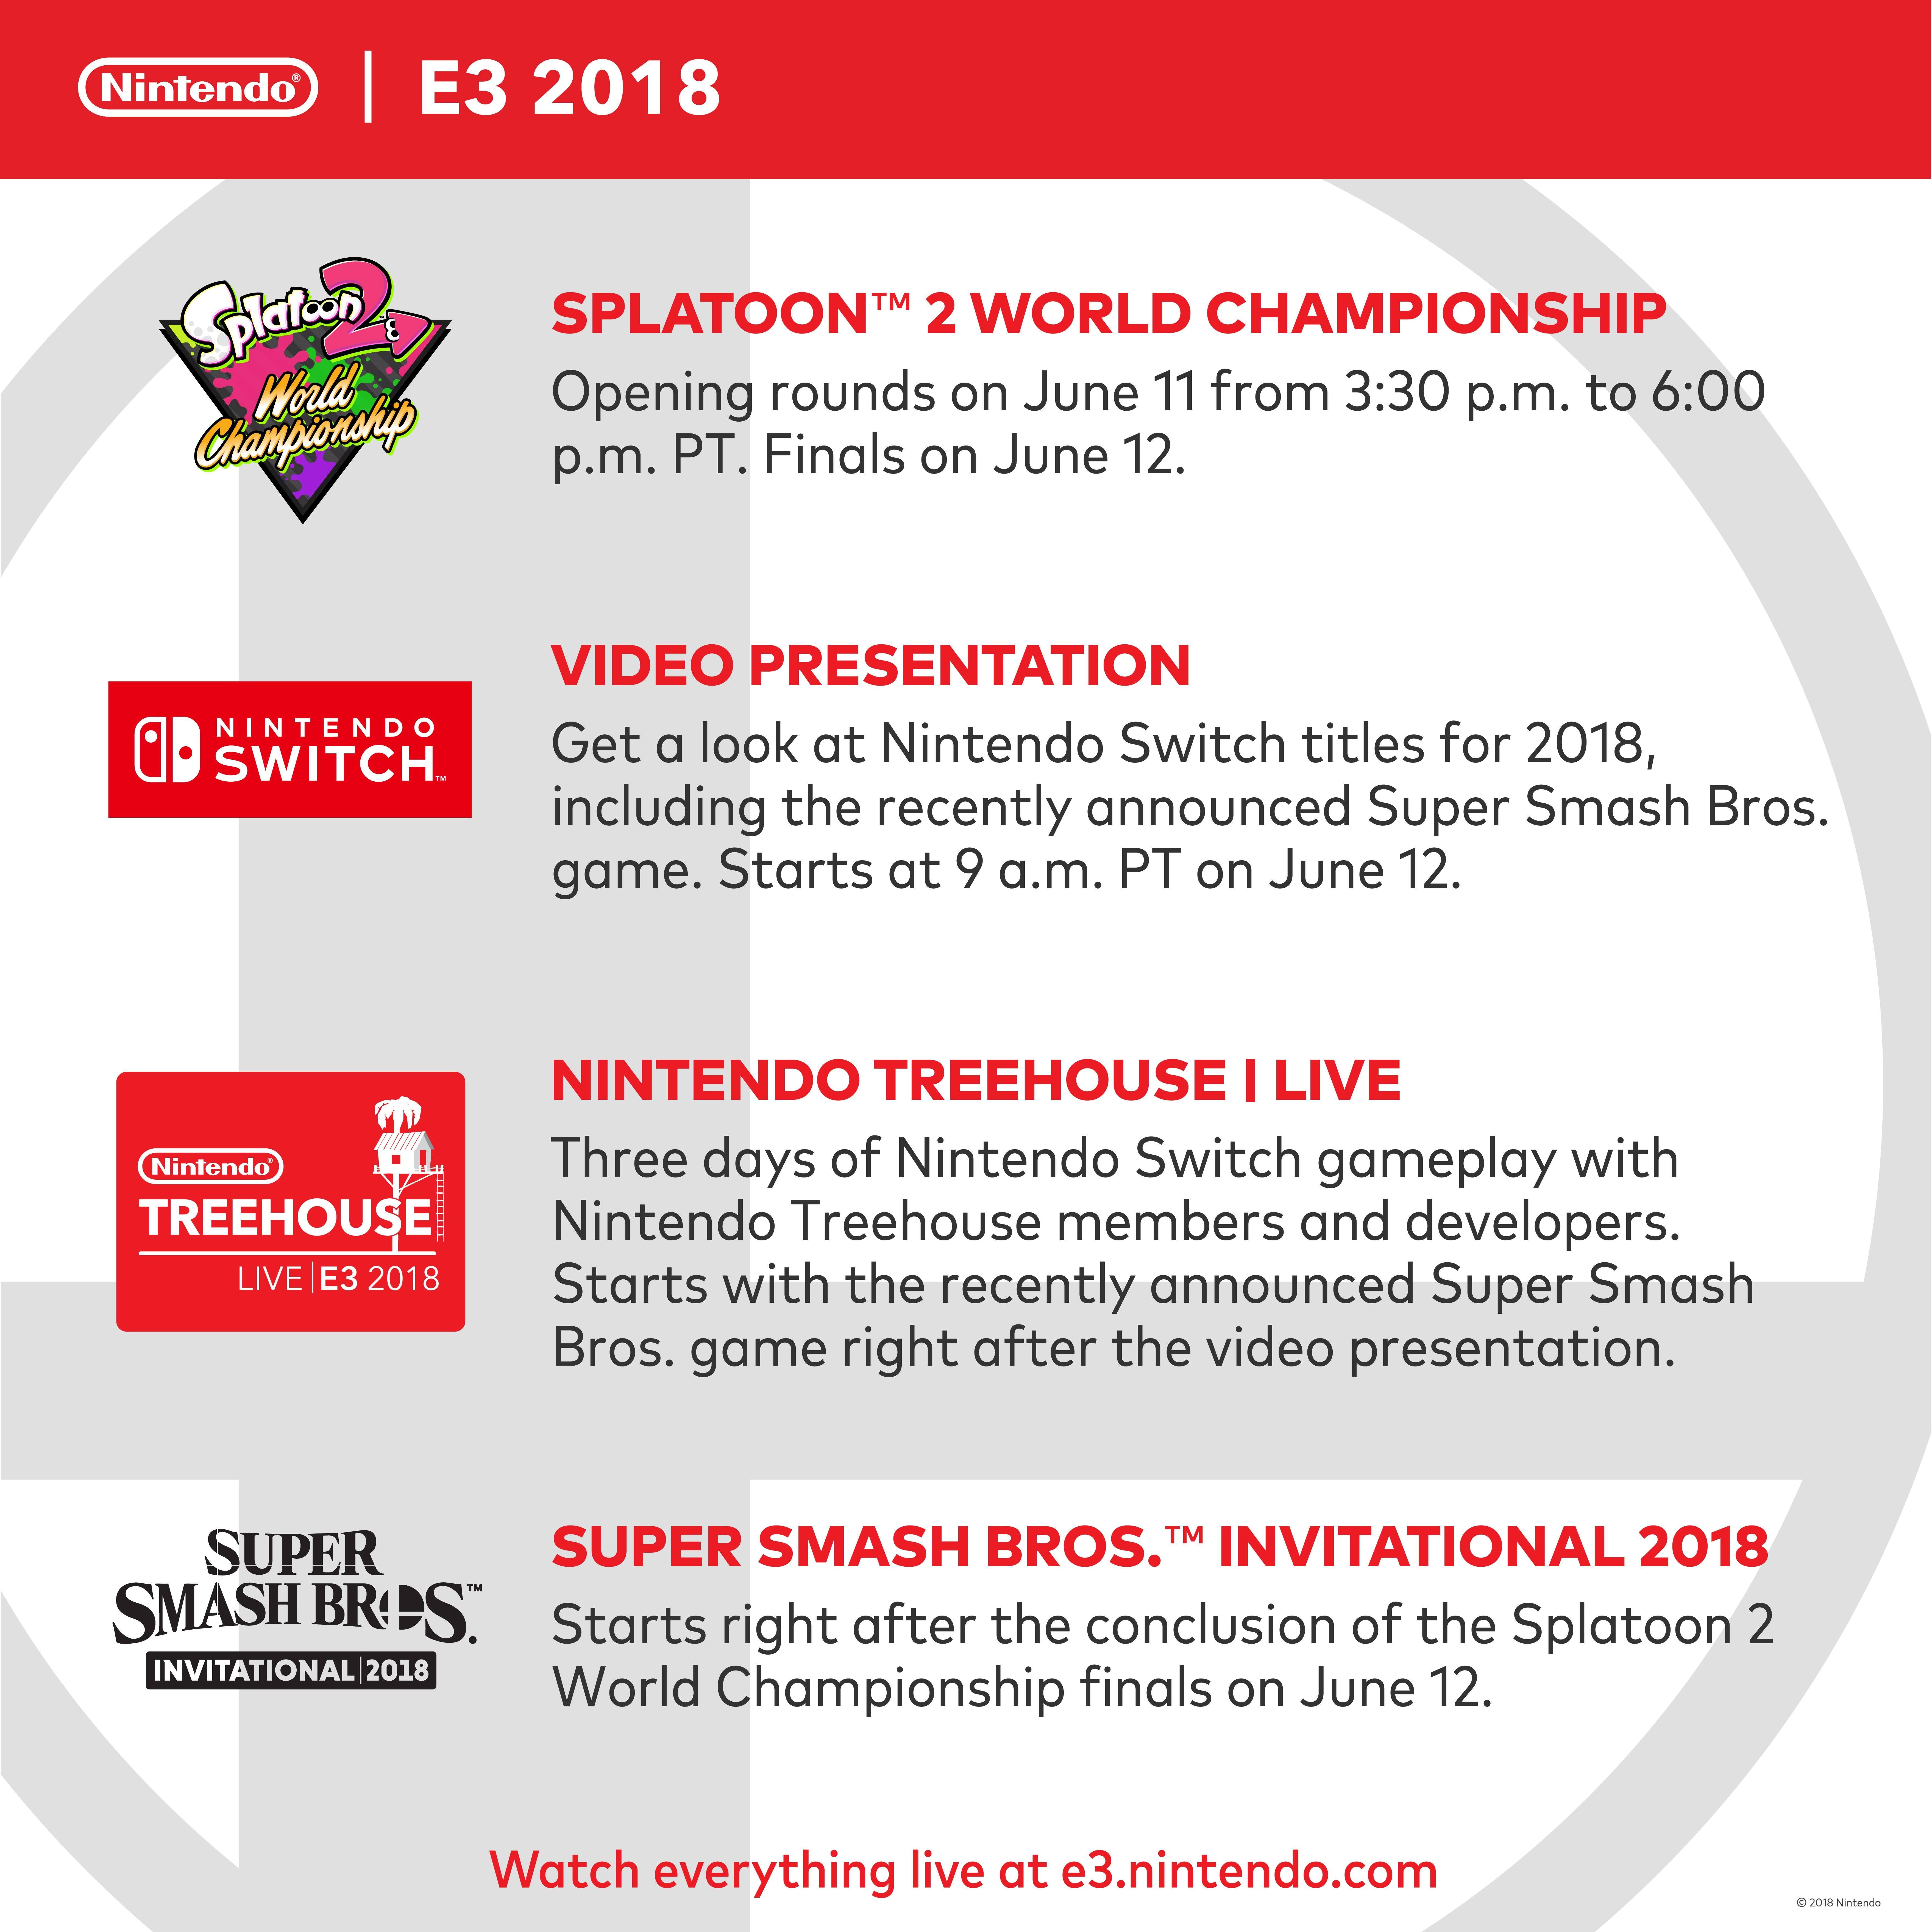 Nintendo E3 2018 Plan